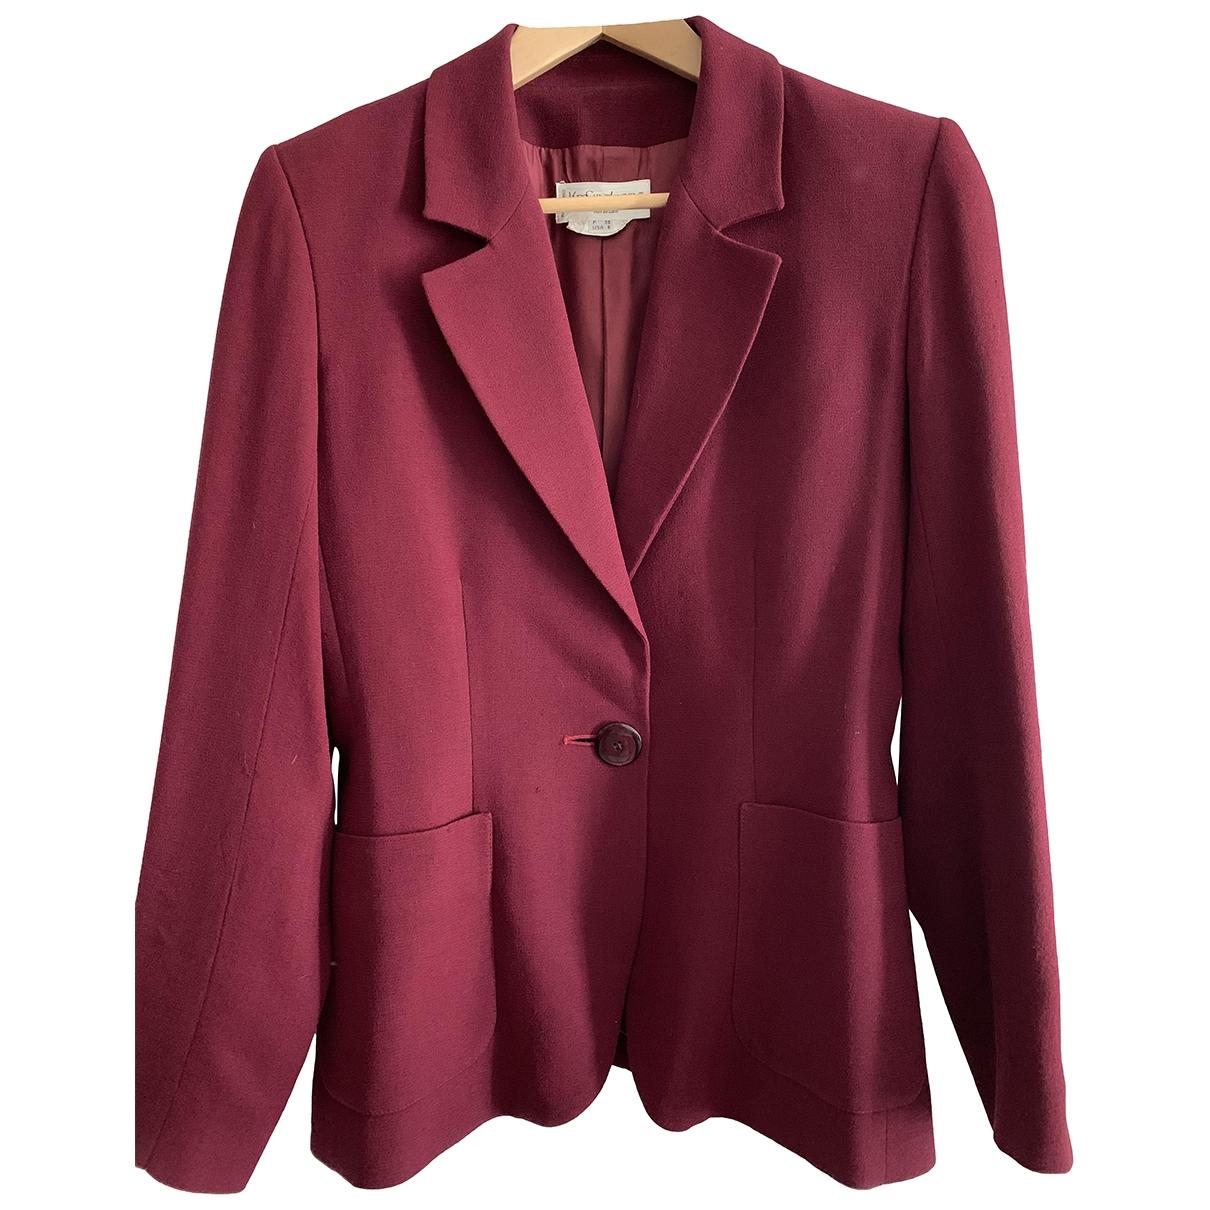 Yves Saint Laurent \N Burgundy jacket for Women 38 FR